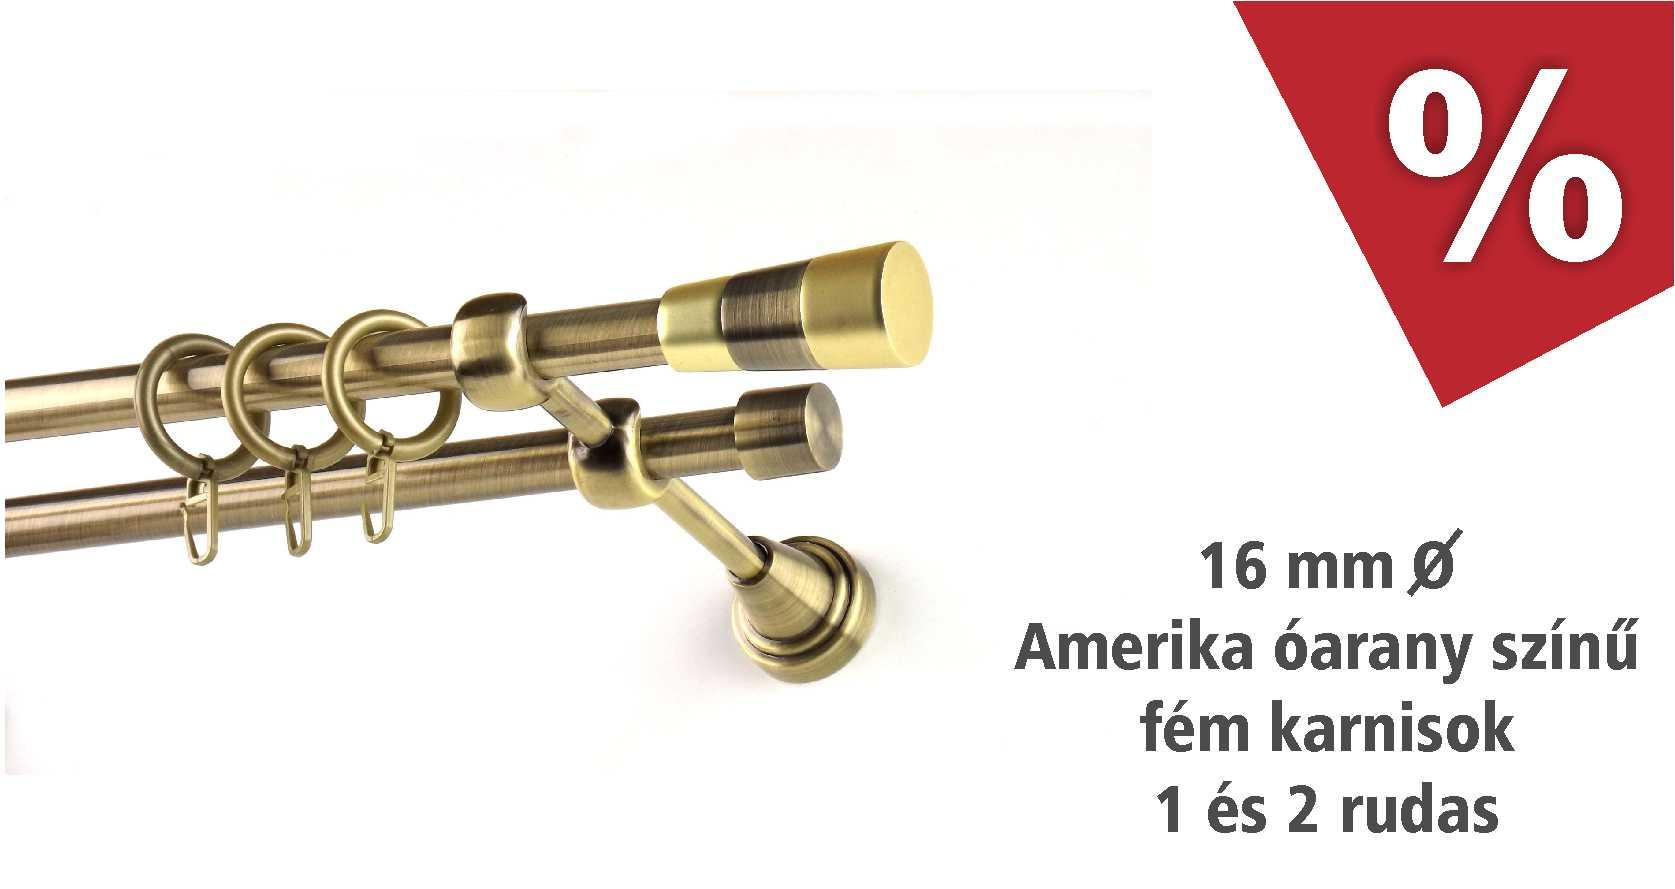 Amerika óarany színű 16 mm átmérőjű fém karnis szettek - szeptemberben akciós áron